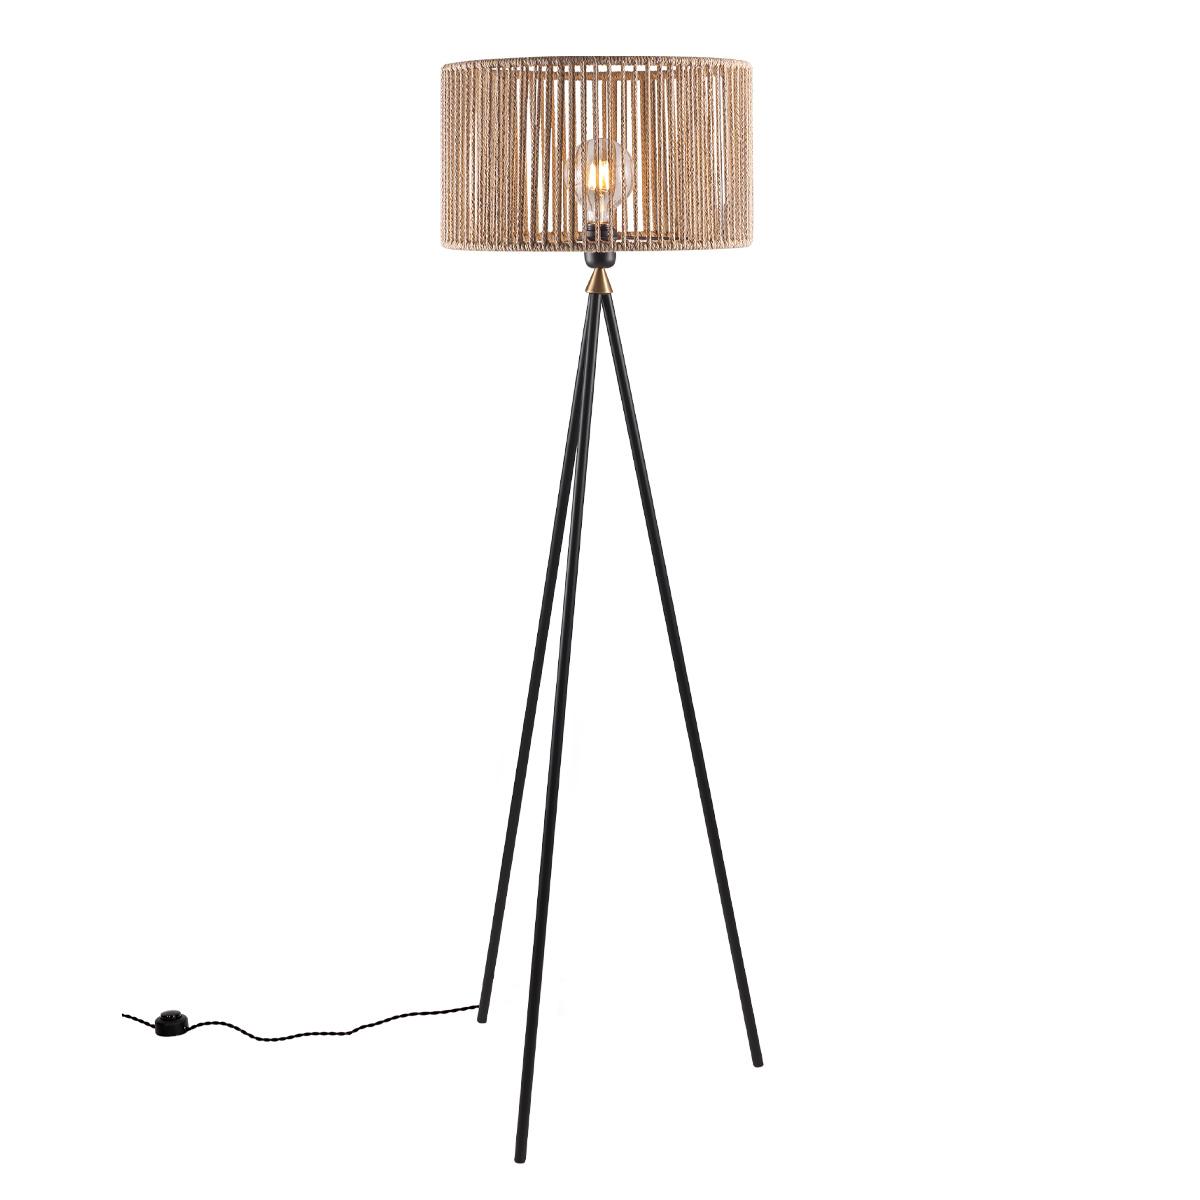 Τρίποδο φωτιστικό δαπέδου KELLY tripode metal floor lamp